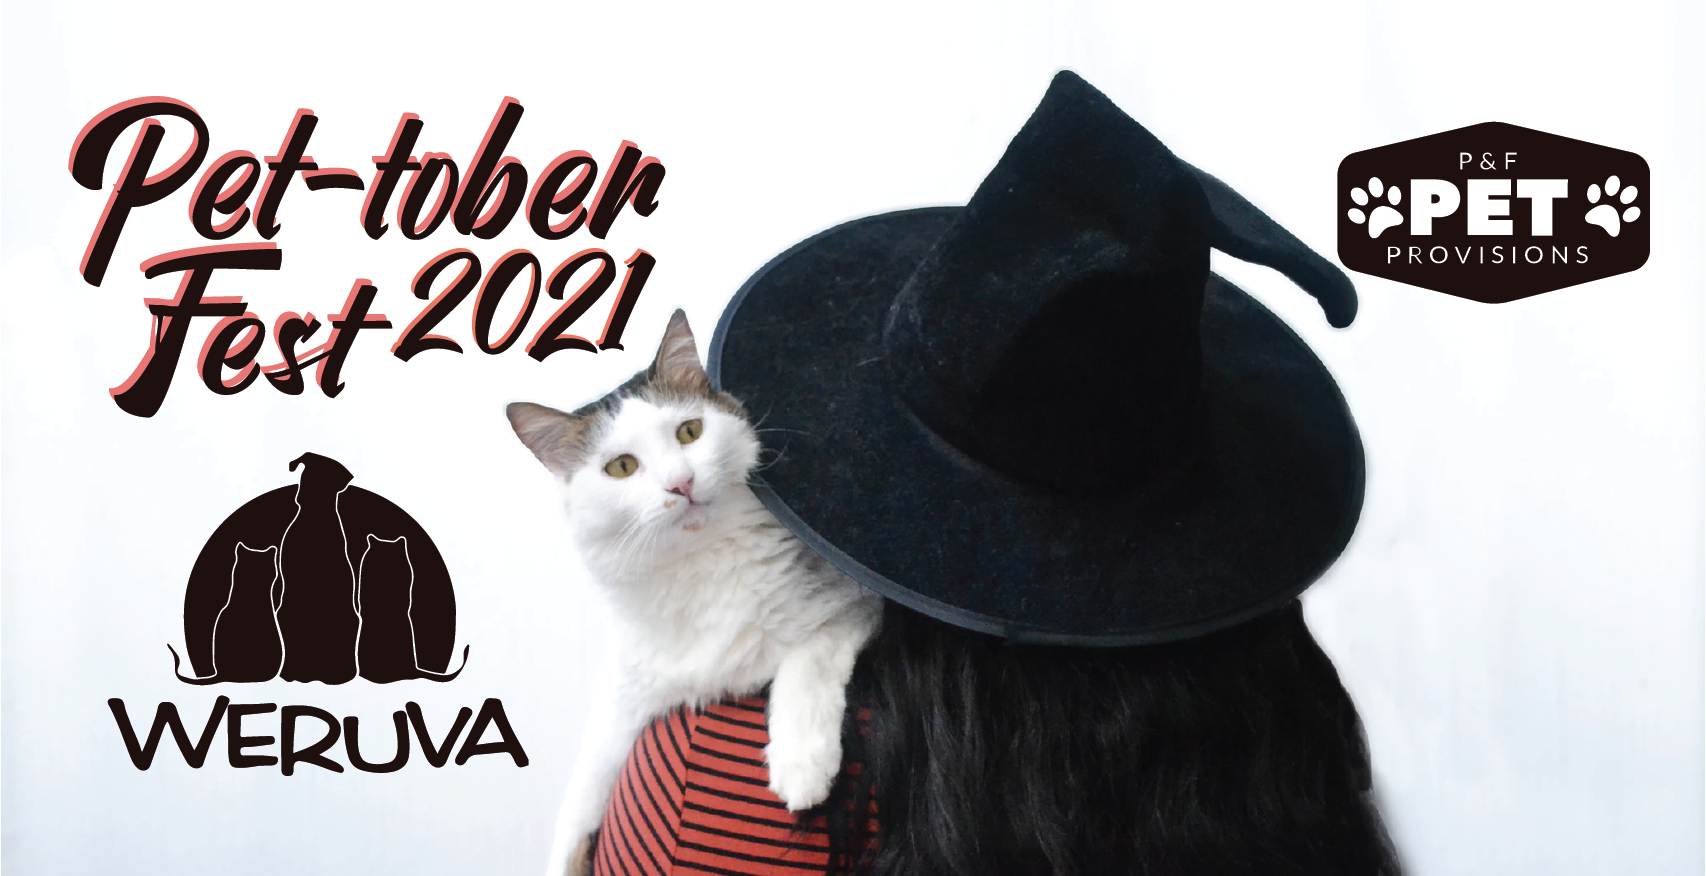 Weruva at Pet-tober Fest 2021